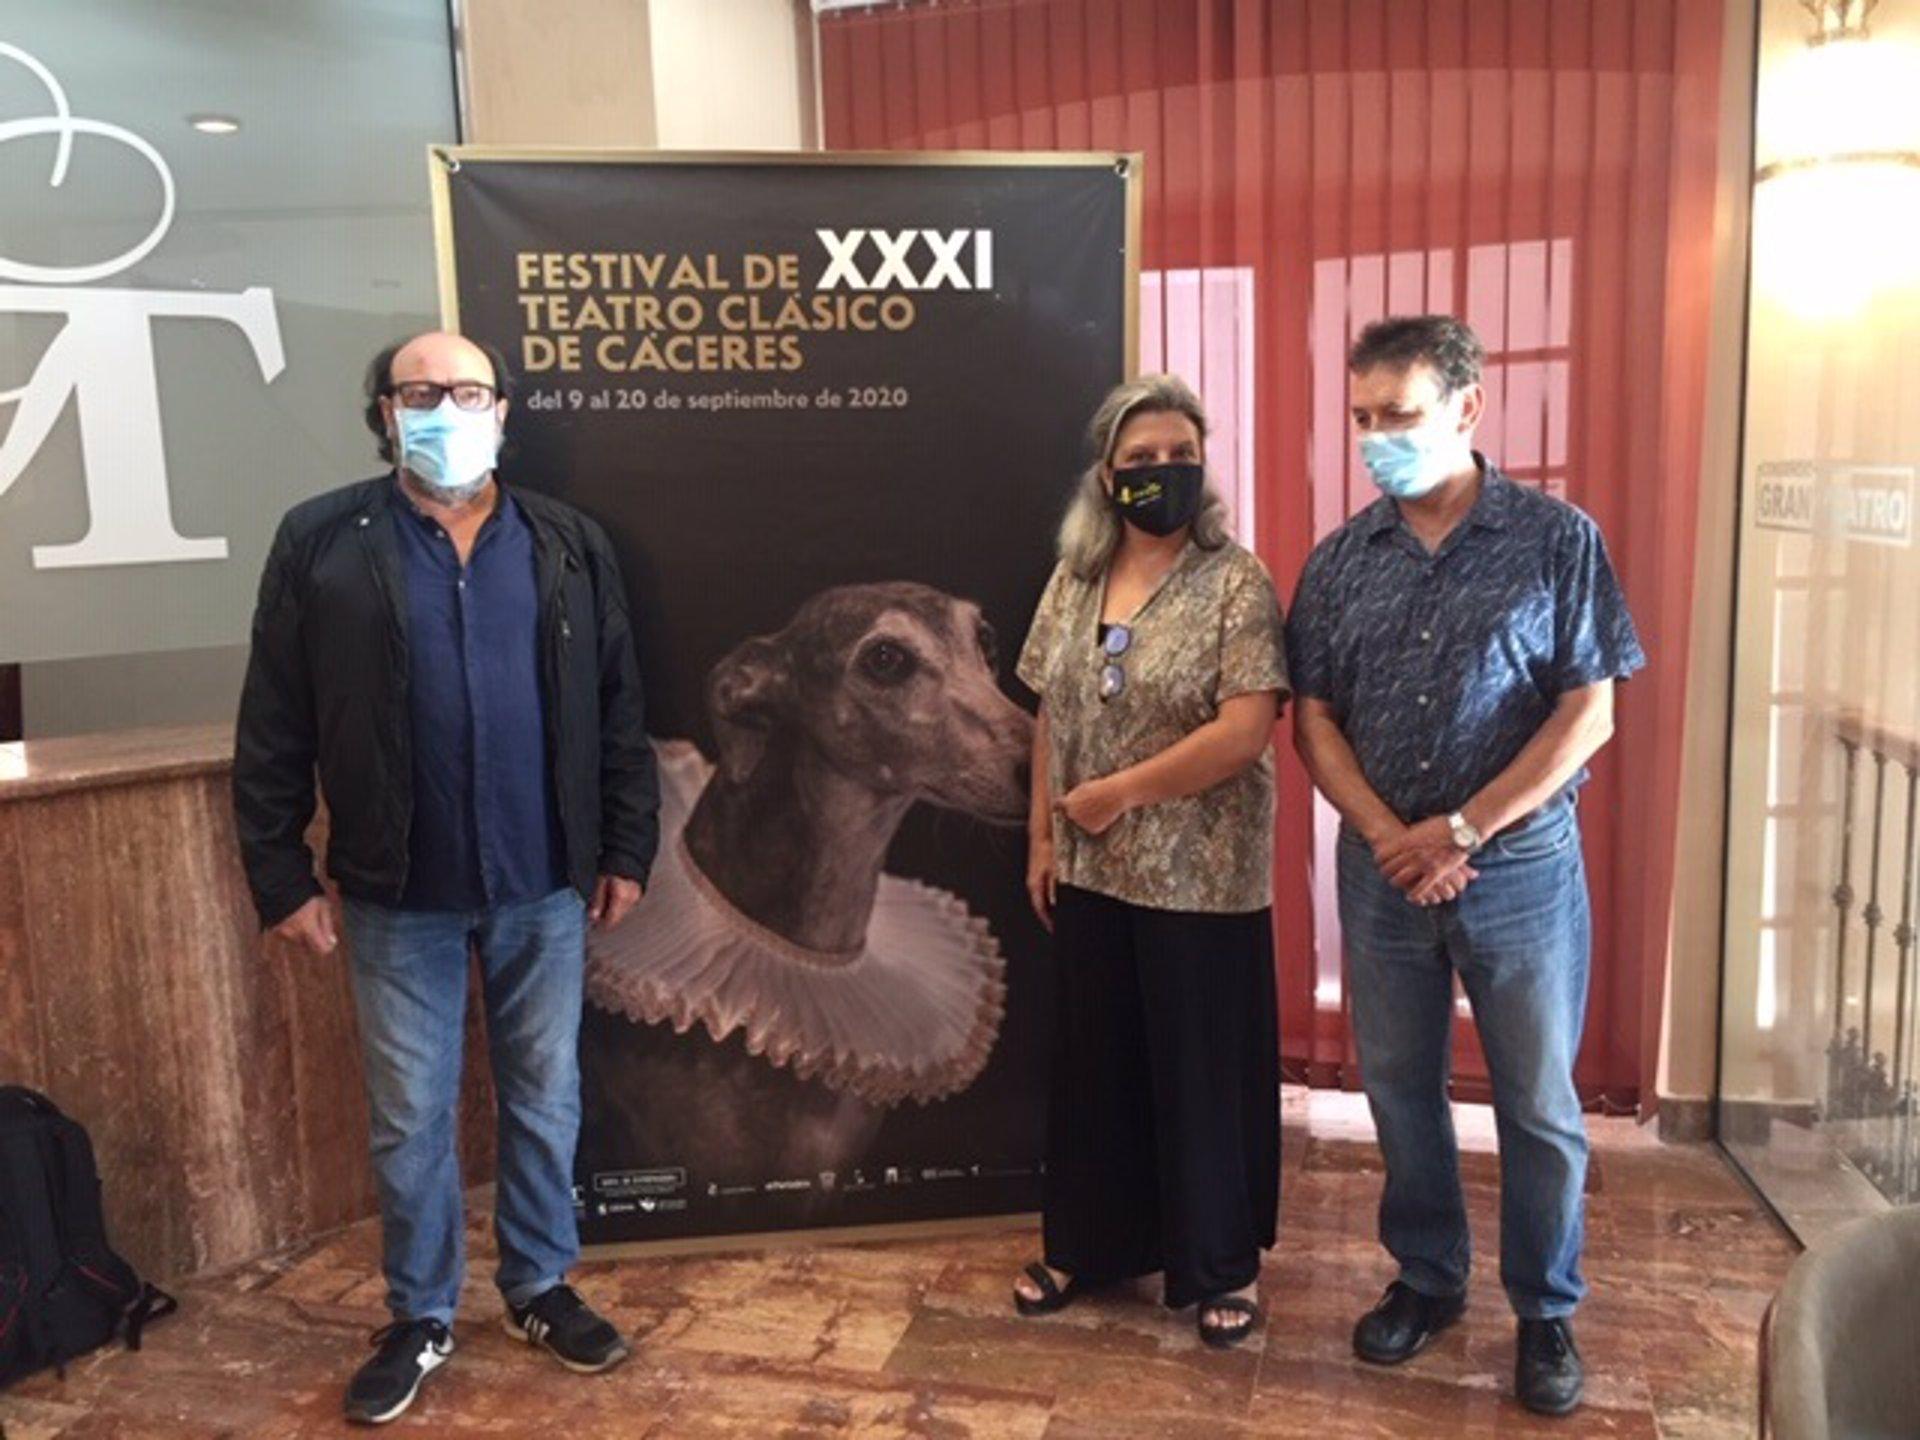 Shakespeare clausura la 31 edición del Festival de teatro Clásico de Cáceres